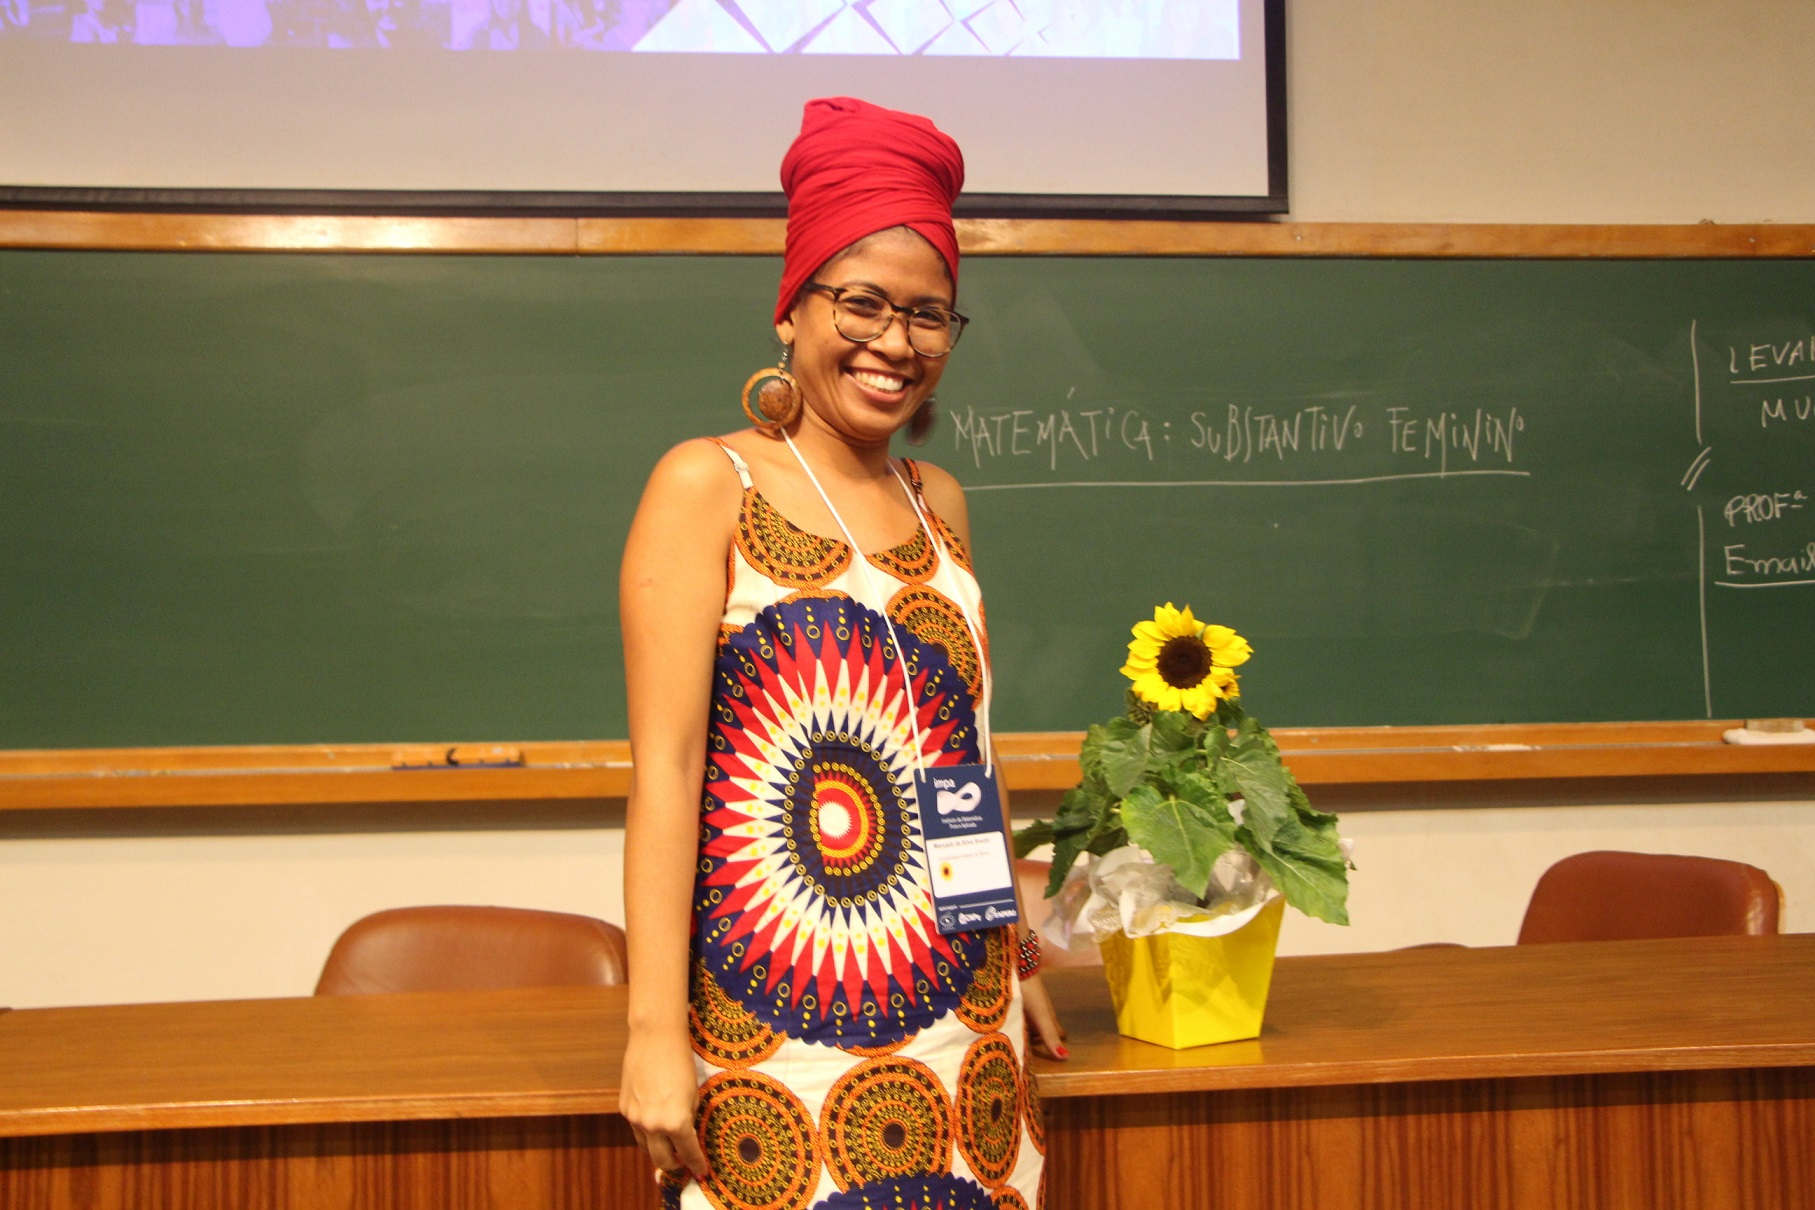 A professora e matemática Manuela da Silva Souza é a primeira mulher e pessoa negra a ocupar o cargo de coordenadora do mestrado da UFBA | Foto: Divulgação IMPA